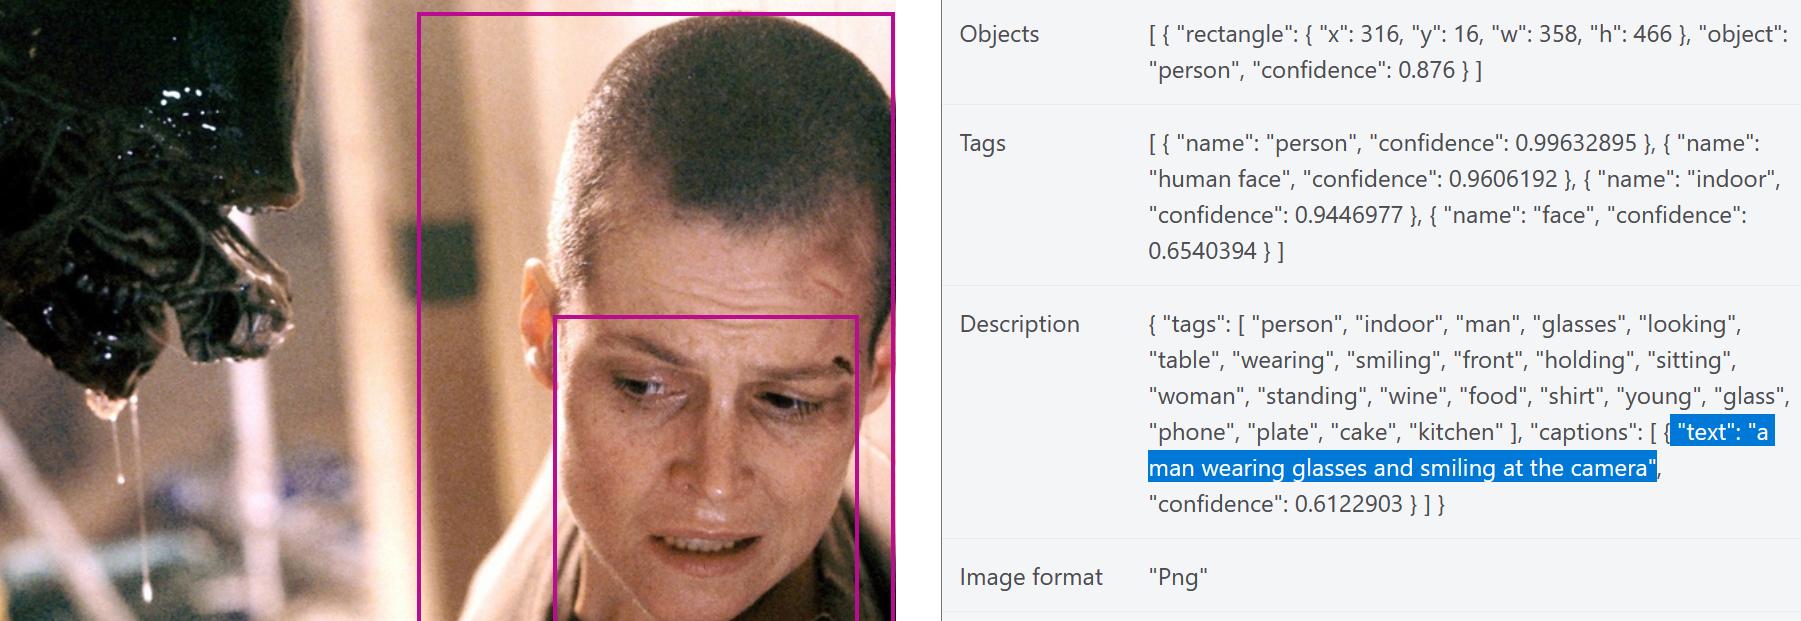 Ein Screenshot einer Webseite zeigt ein Foto und die von einer KI erstellte Bildbeschreibung. Das Foto zeigt Sigourney Weaver in dem Film Alien 3, wie sie sich voller Furcht von dem Kopf des Aliens abwendet. Die von der KI erstellte Bildbeschreibung heißt: A man wearing glasses and smiling at the camera.